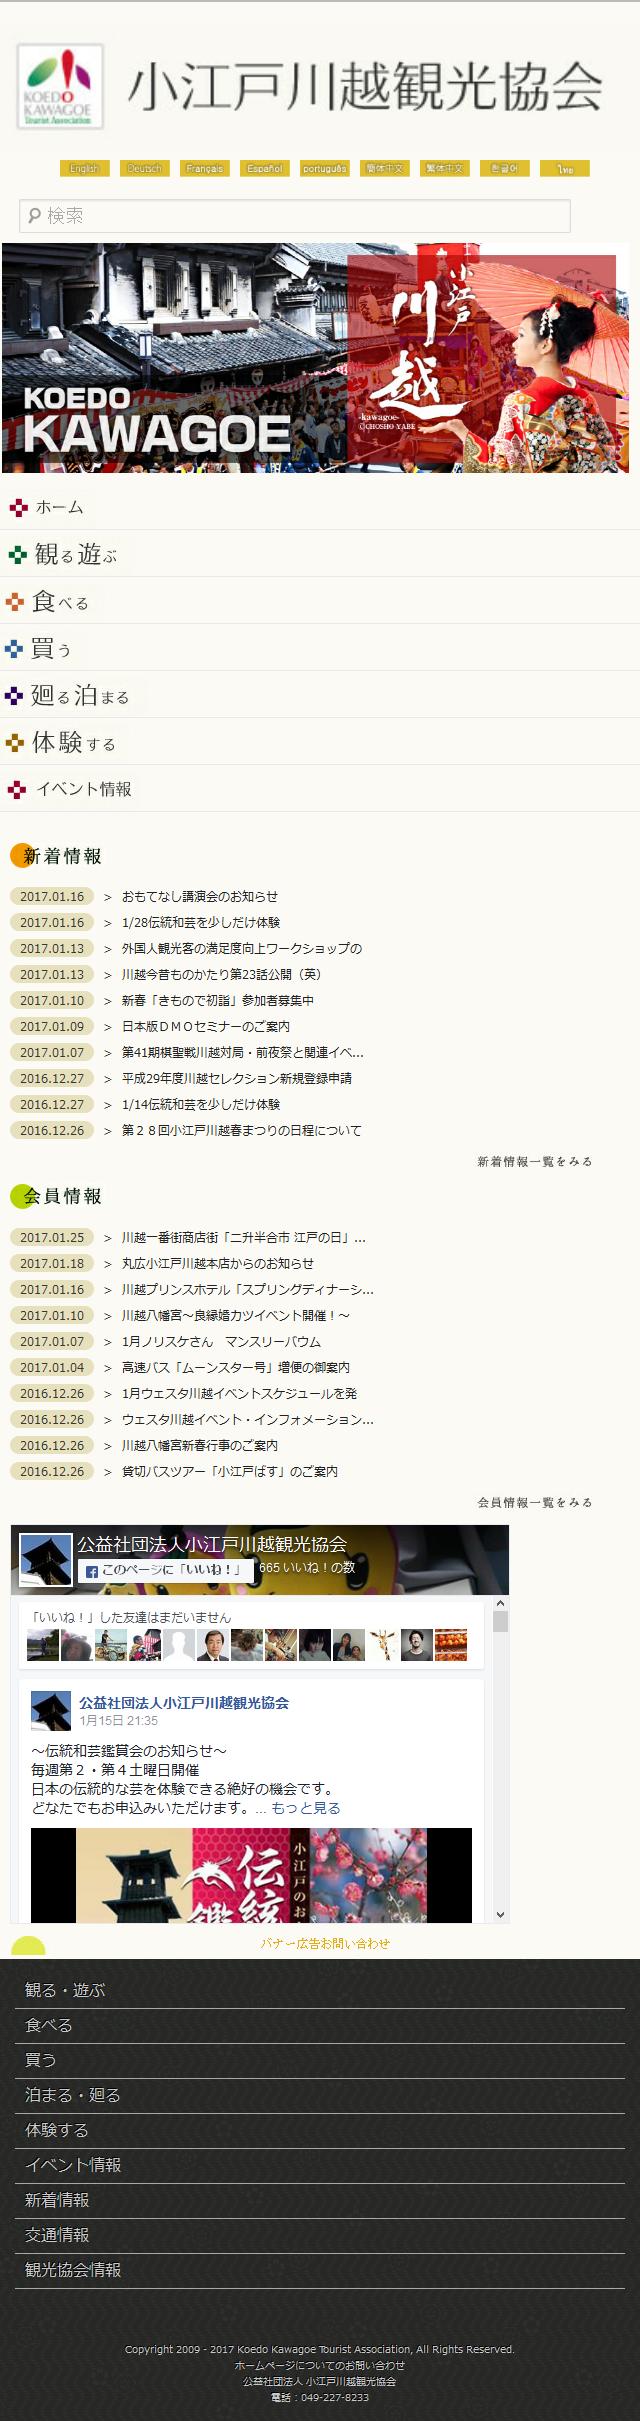 小江戸川越観光協会様公式ホームページ_スマホ表示